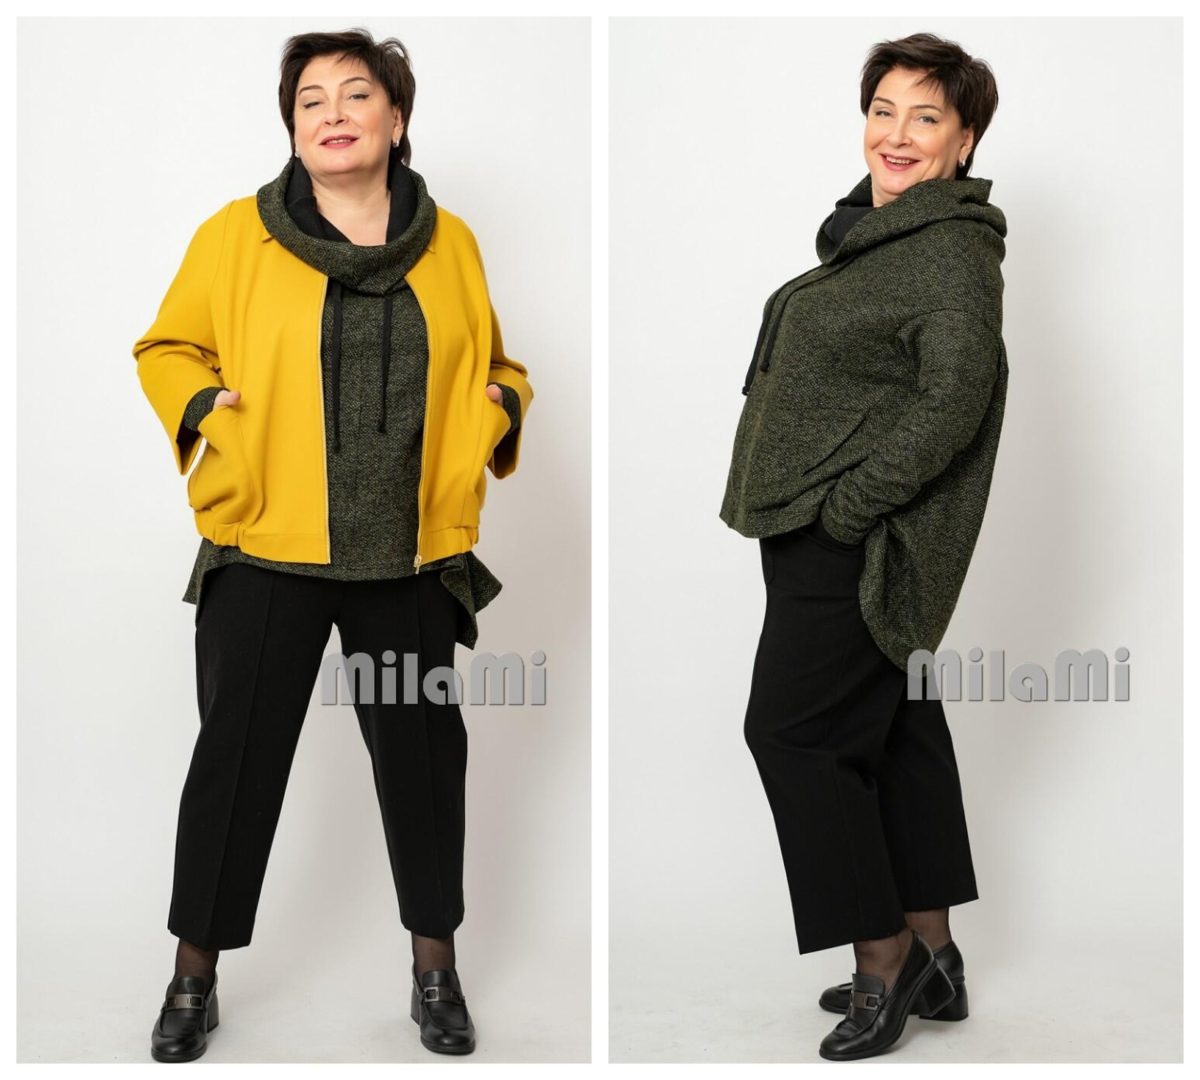 Фото 1, 2 - Мила Михайлова - автор одежды